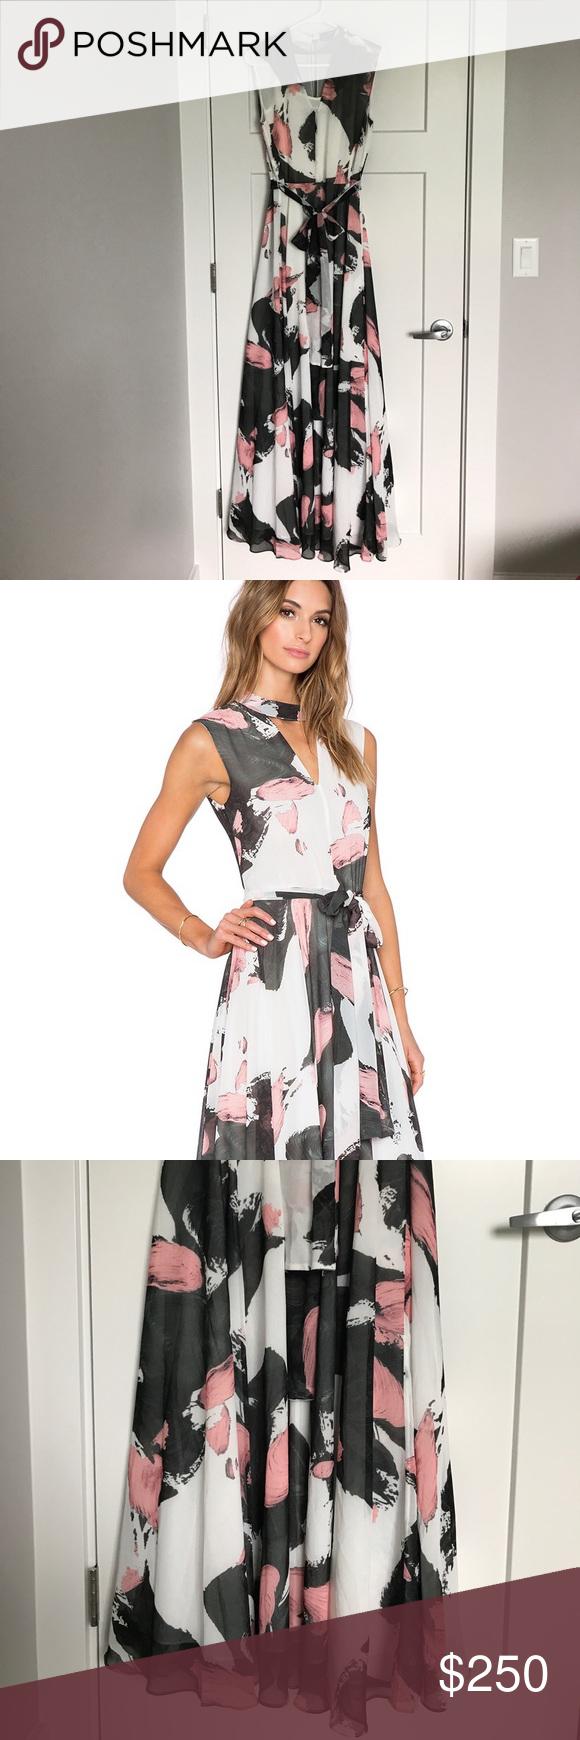 Hall maxi dress